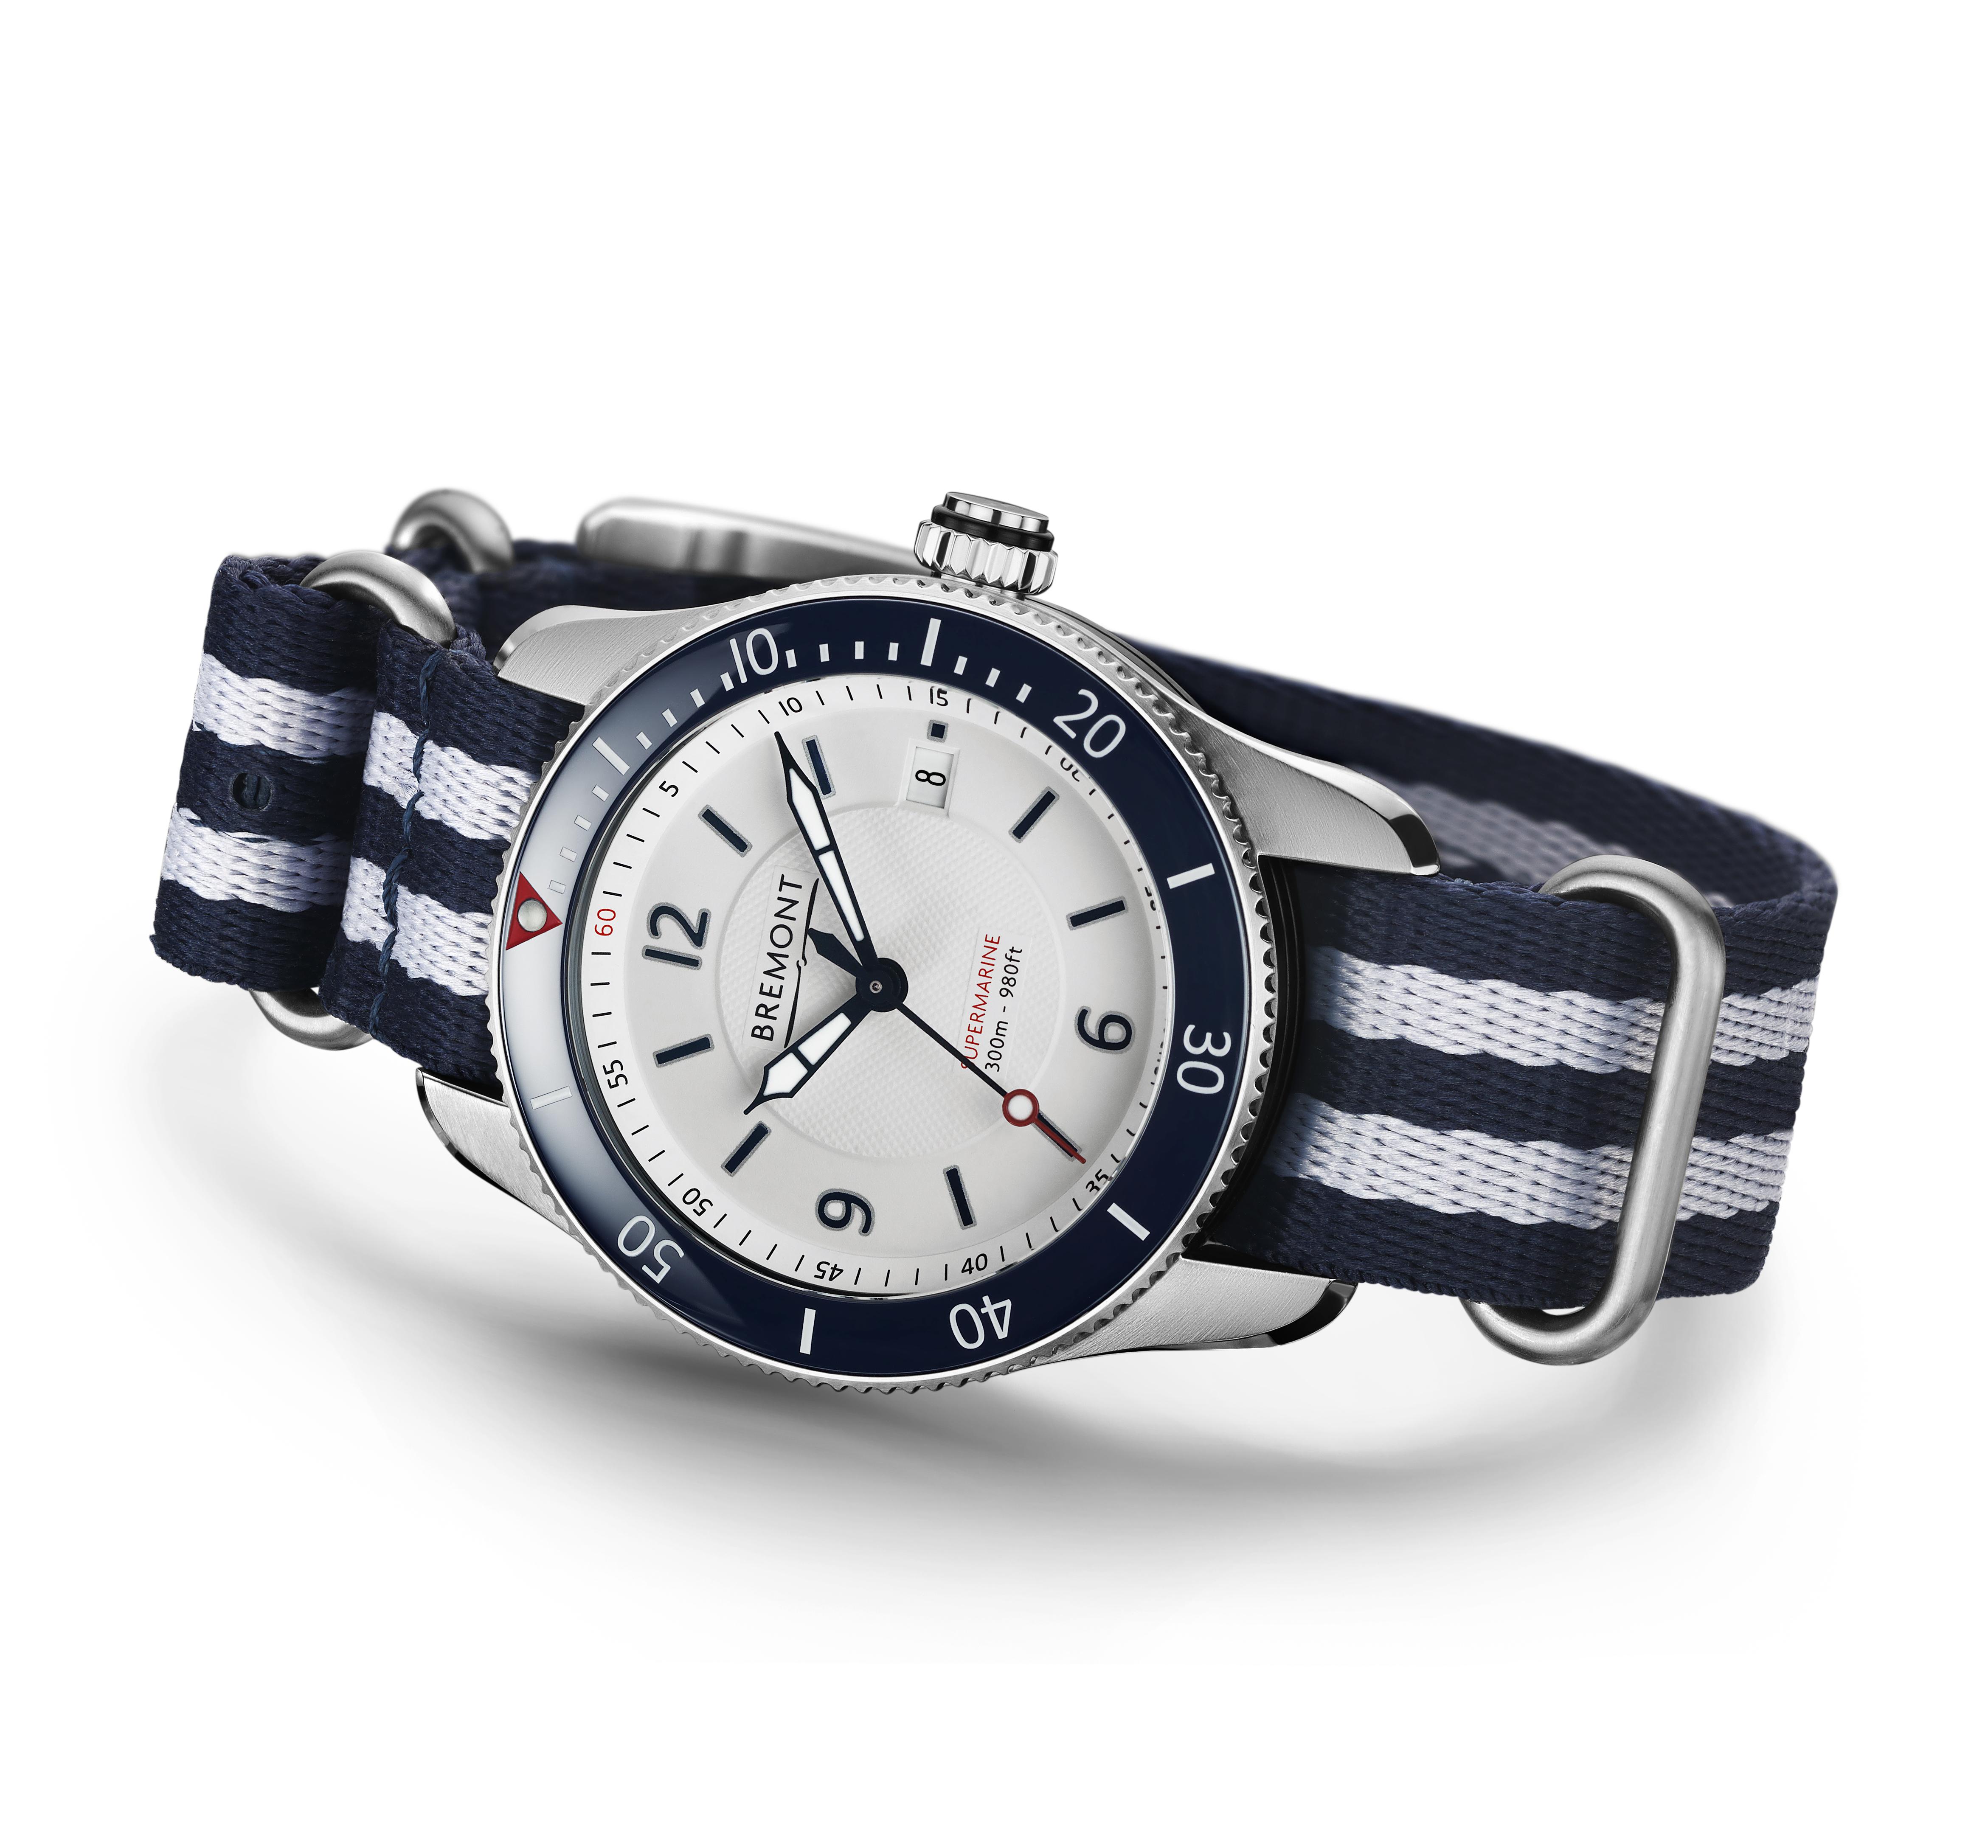 Bremont S300 white watch